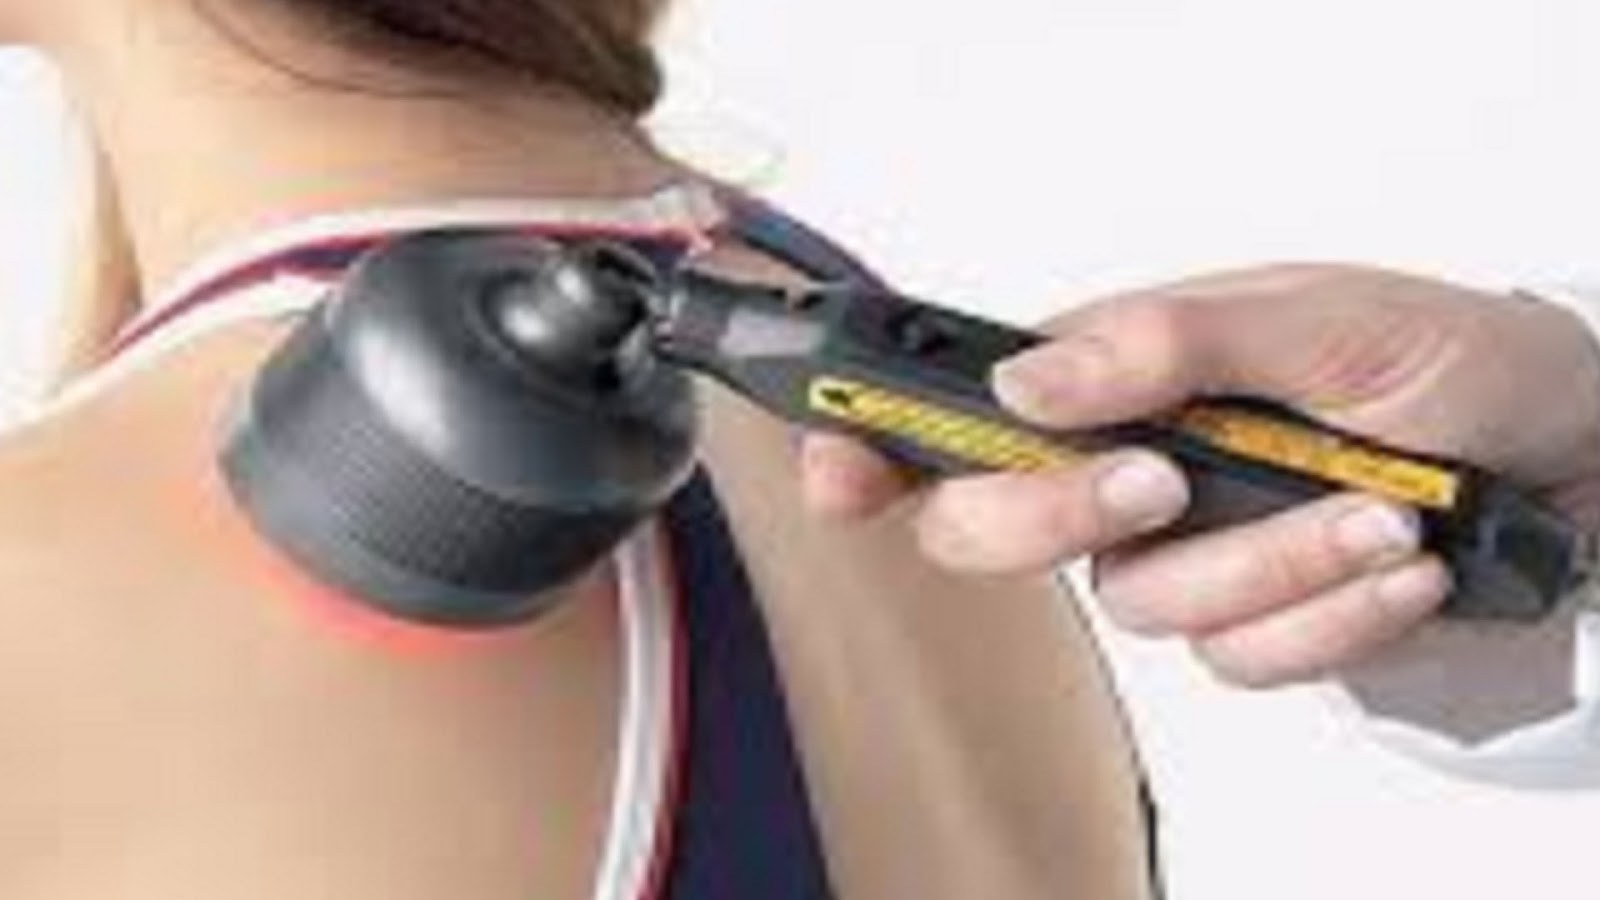 low level laser, laser therapy, cold laser, soft laser, therapeutic laser, quantum healing laser, scalar wave laser,